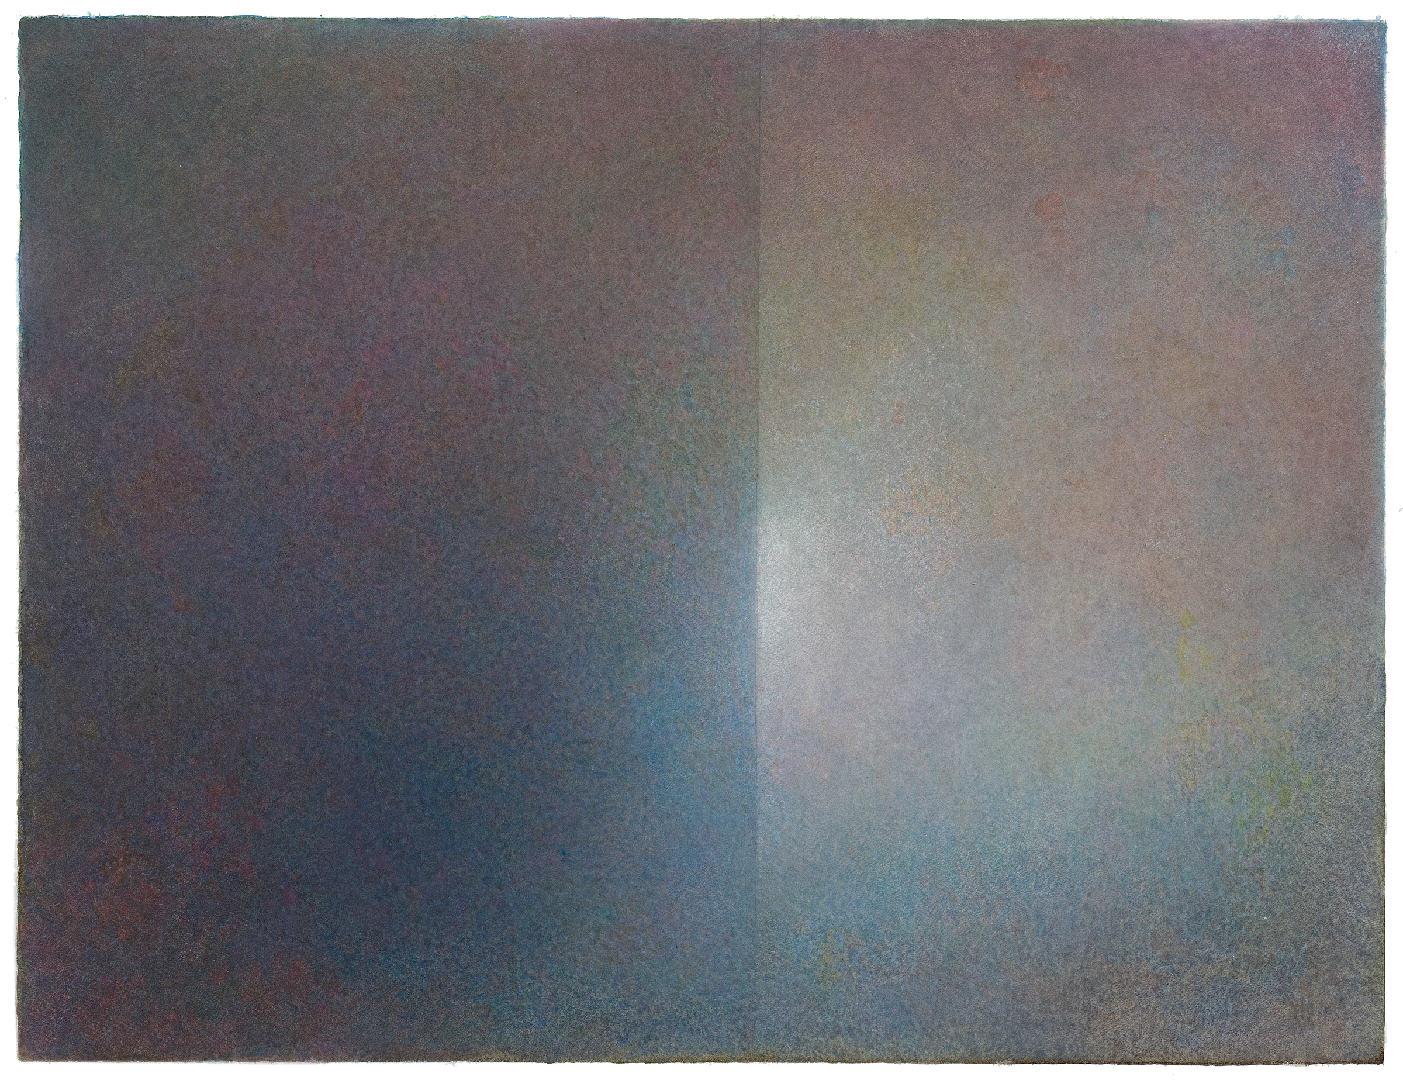 2012 Om de hoek (47 X 60 cm) 16808w